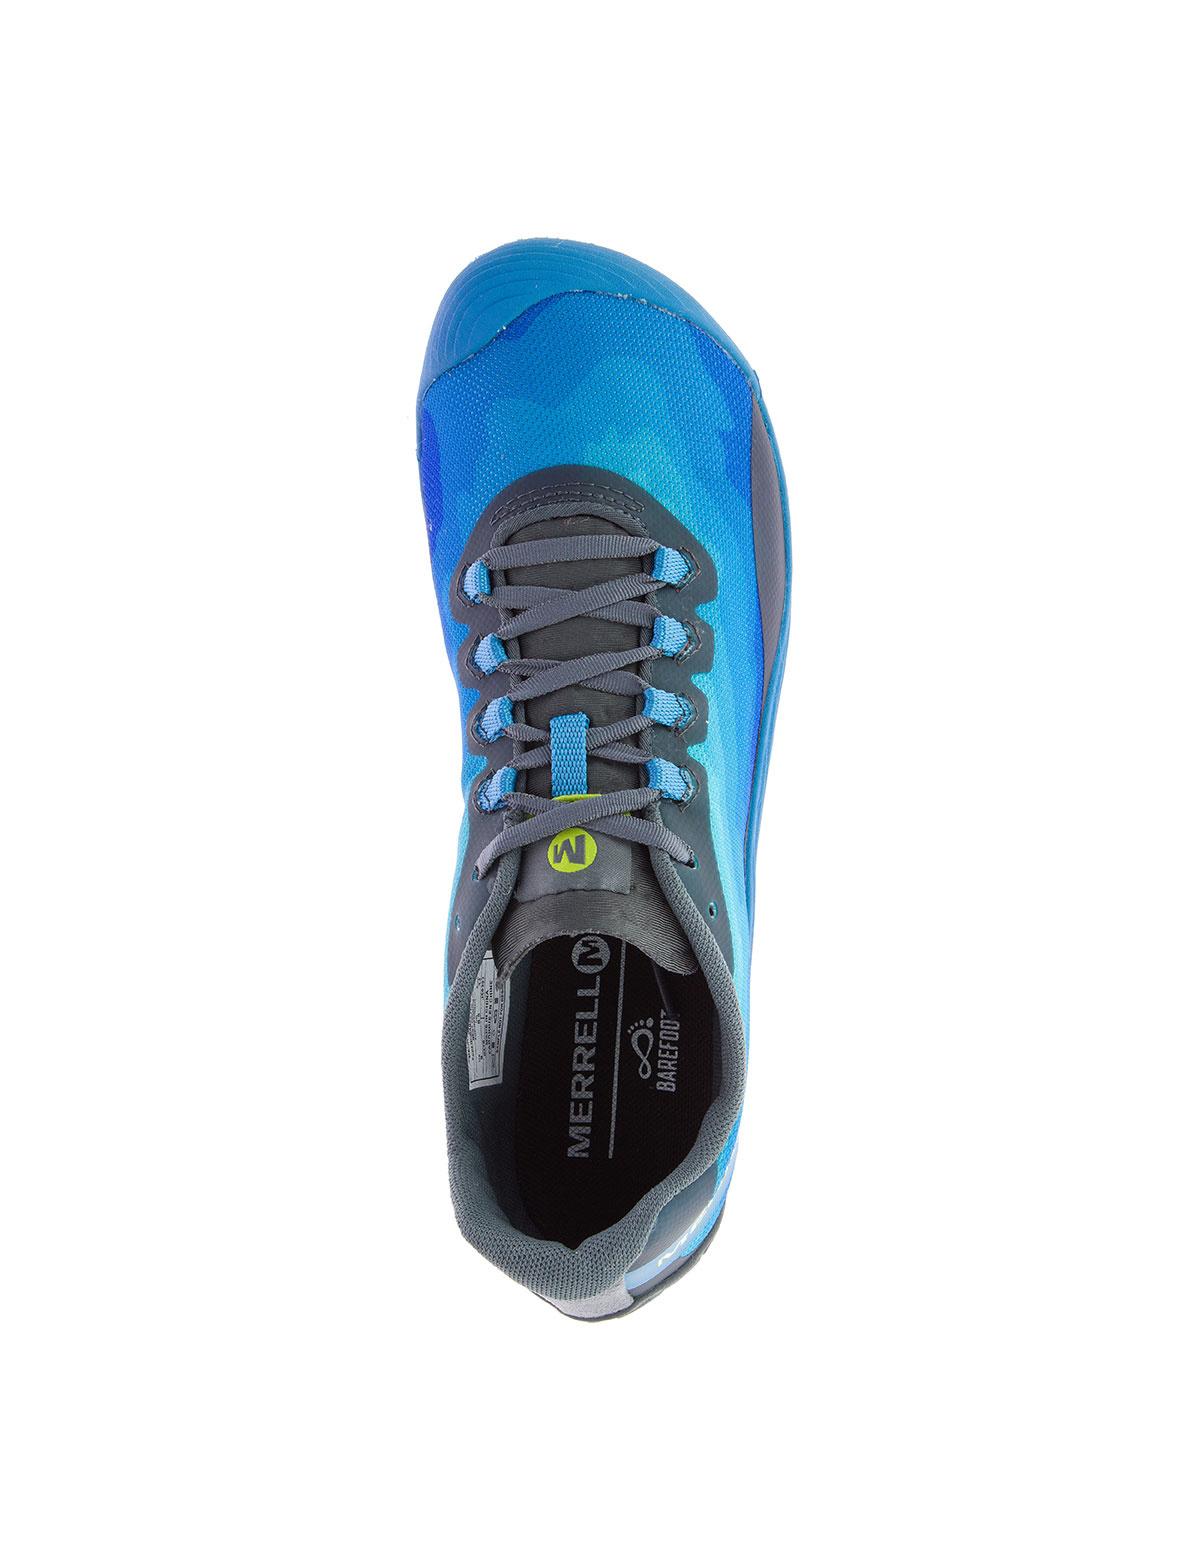 merrel vapor glove 4 j 50393 blu